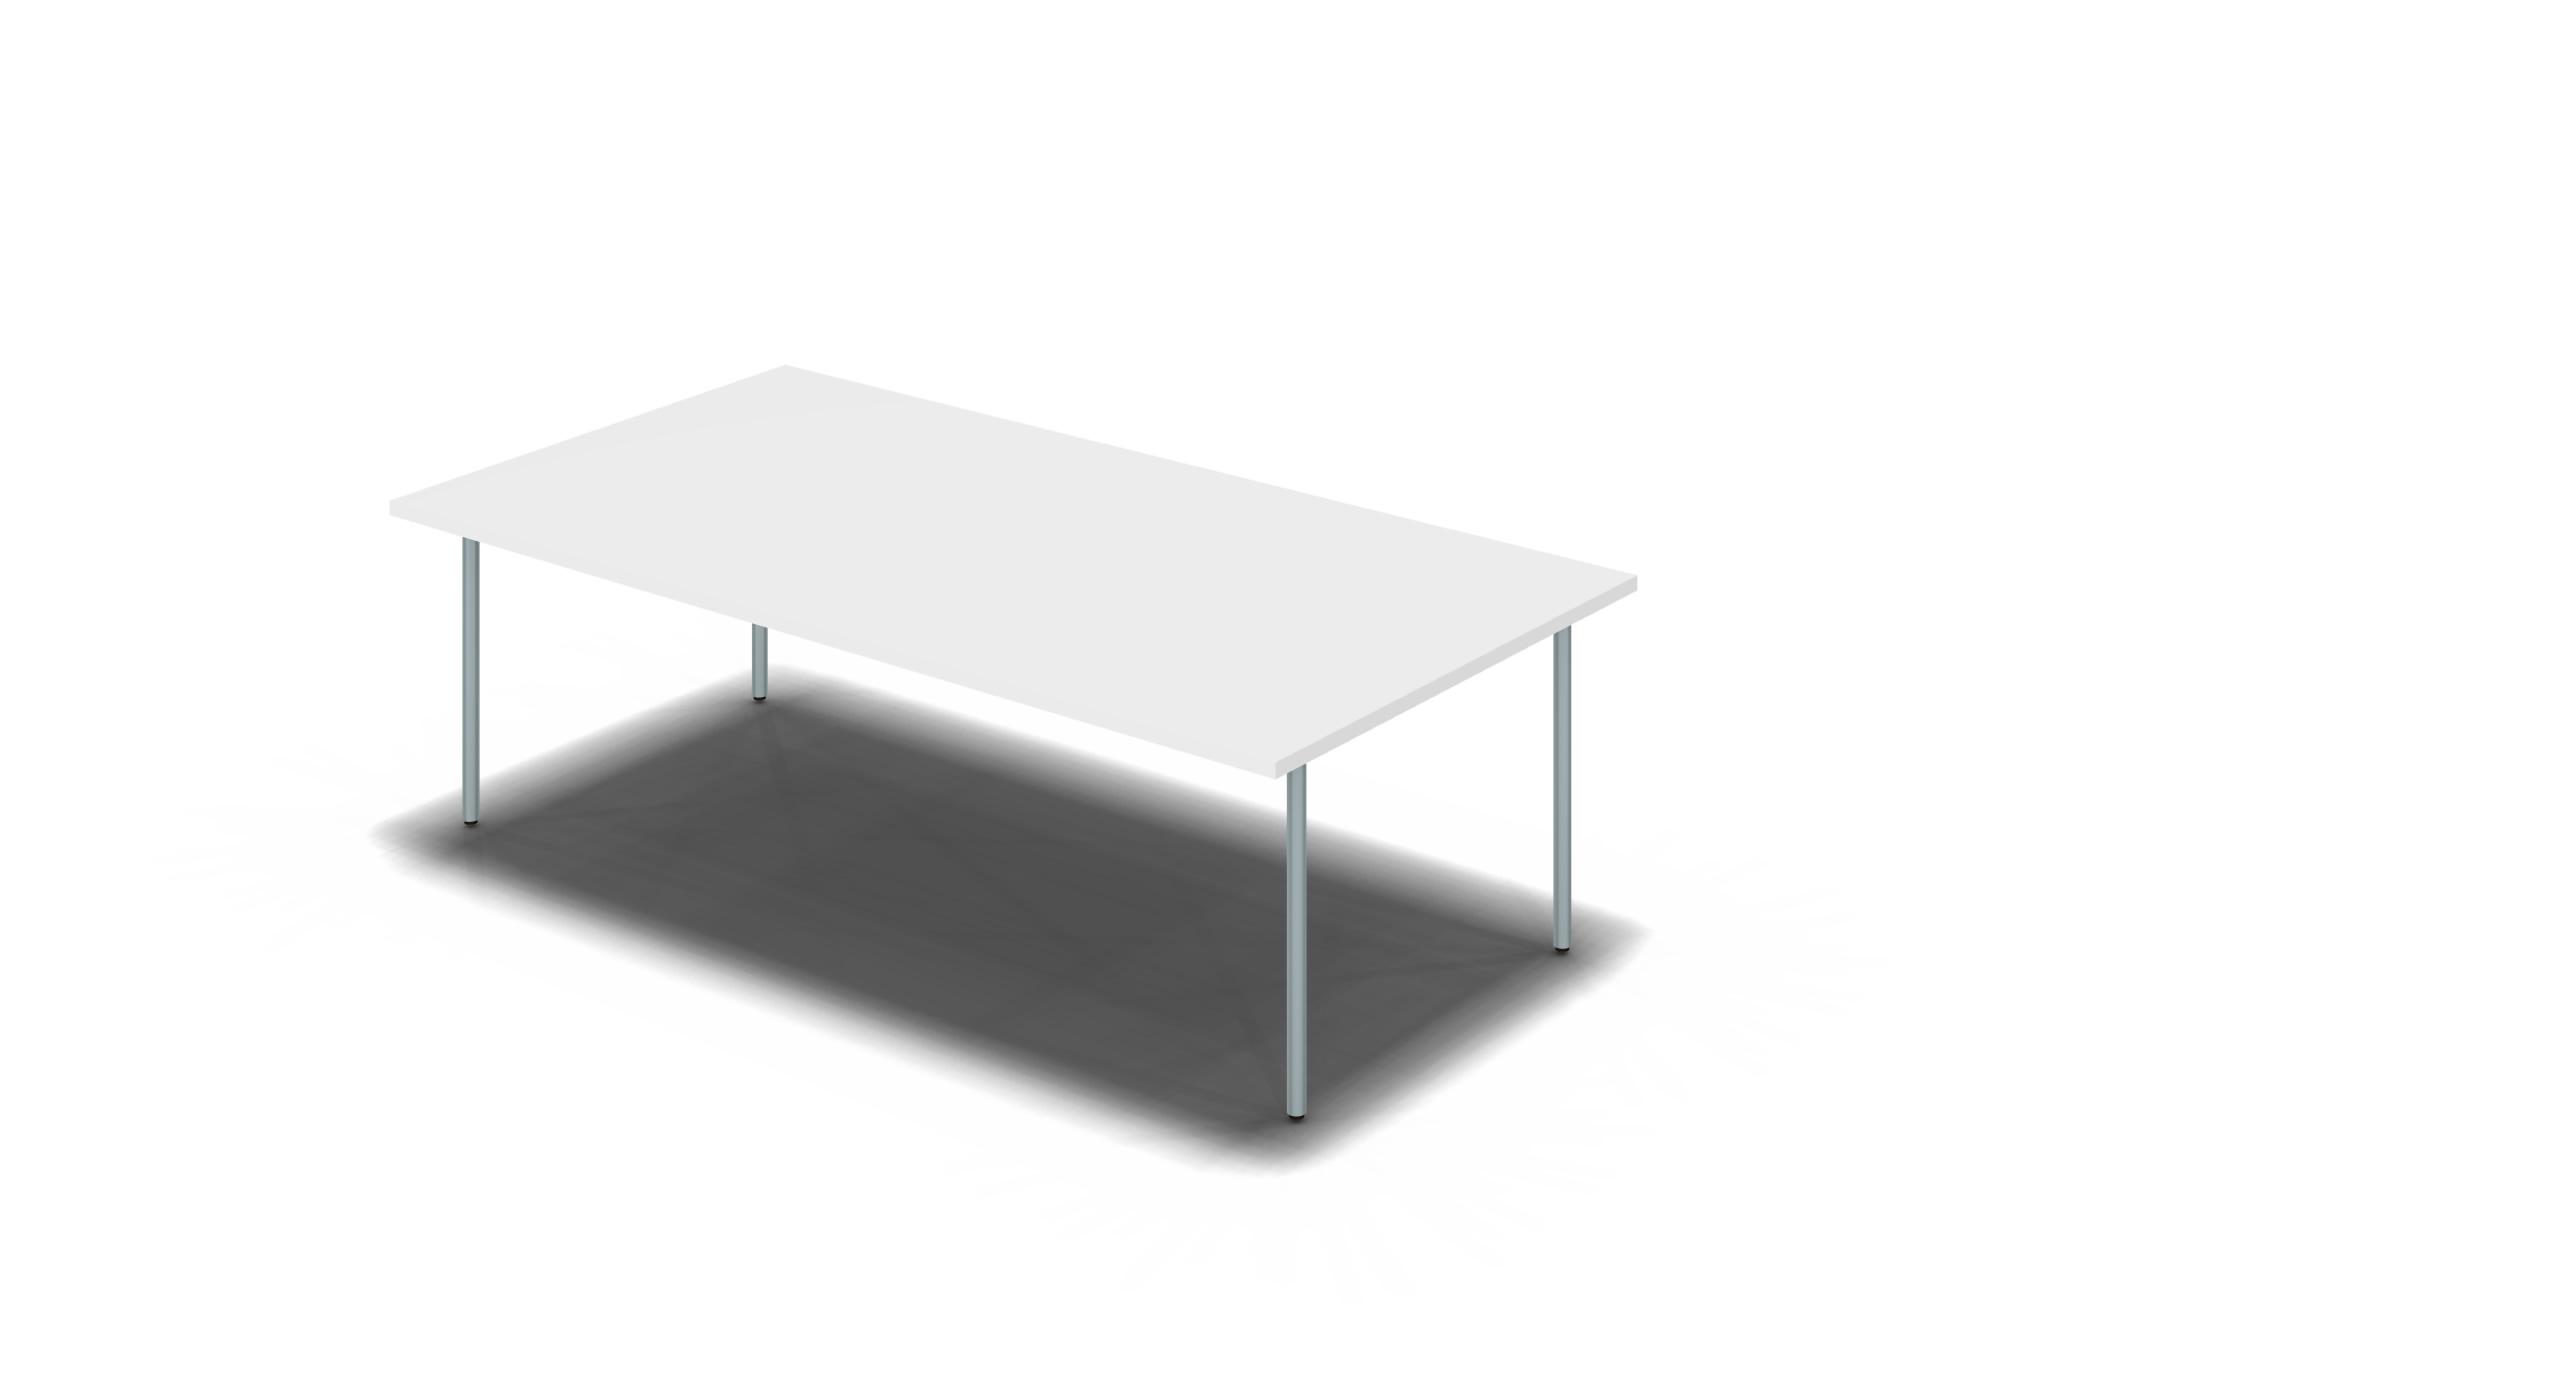 Table_Round_2100x1050_Silver_White_noOption